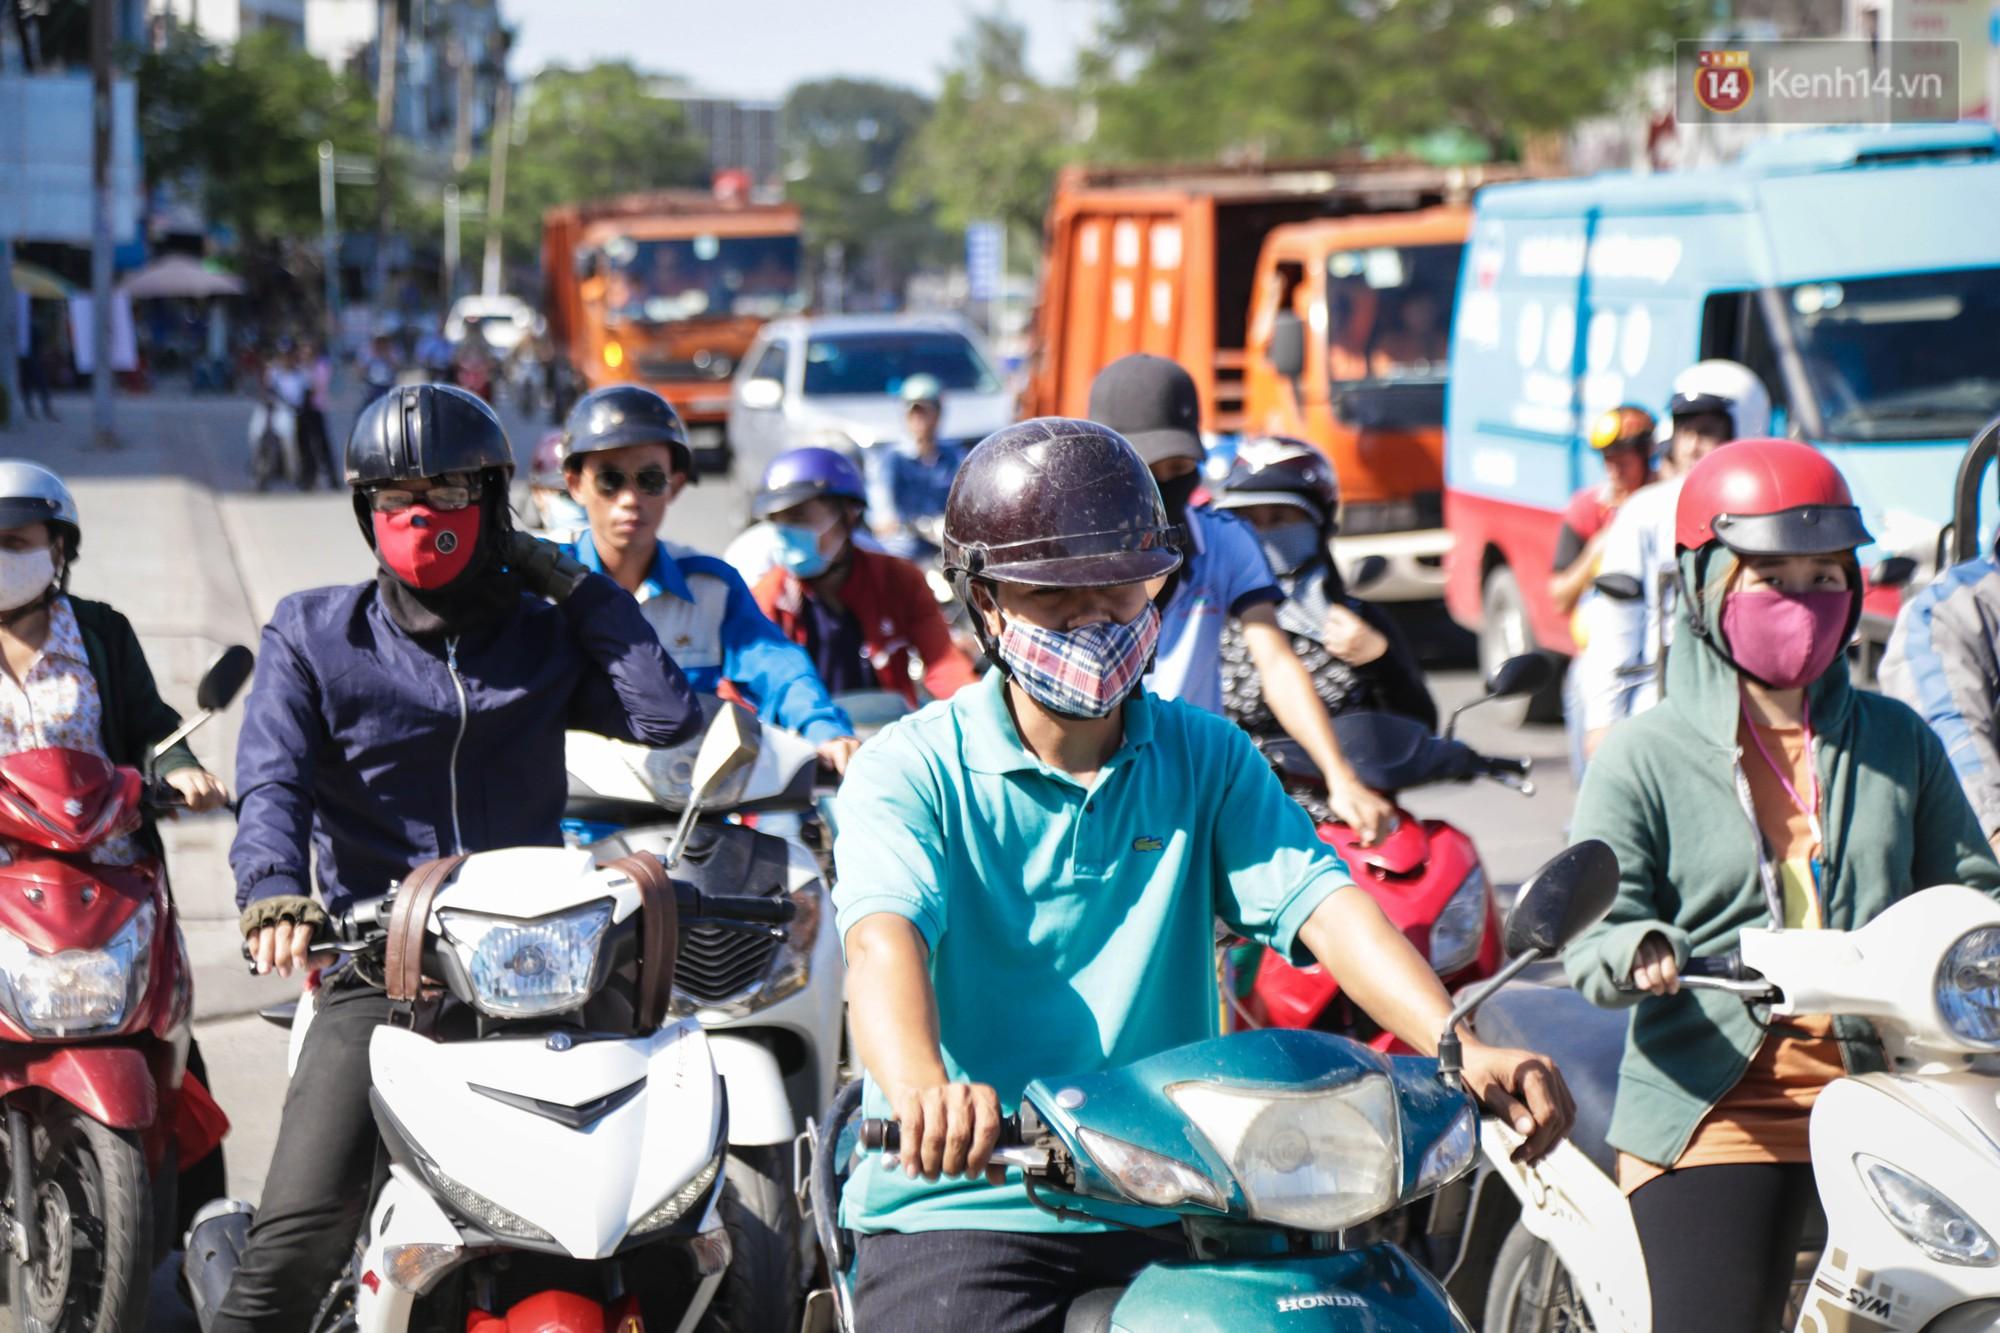 Sài Gòn: lúc này ra đường nhất định phải tránh các khung giờ tử thần sau - Ảnh 3.